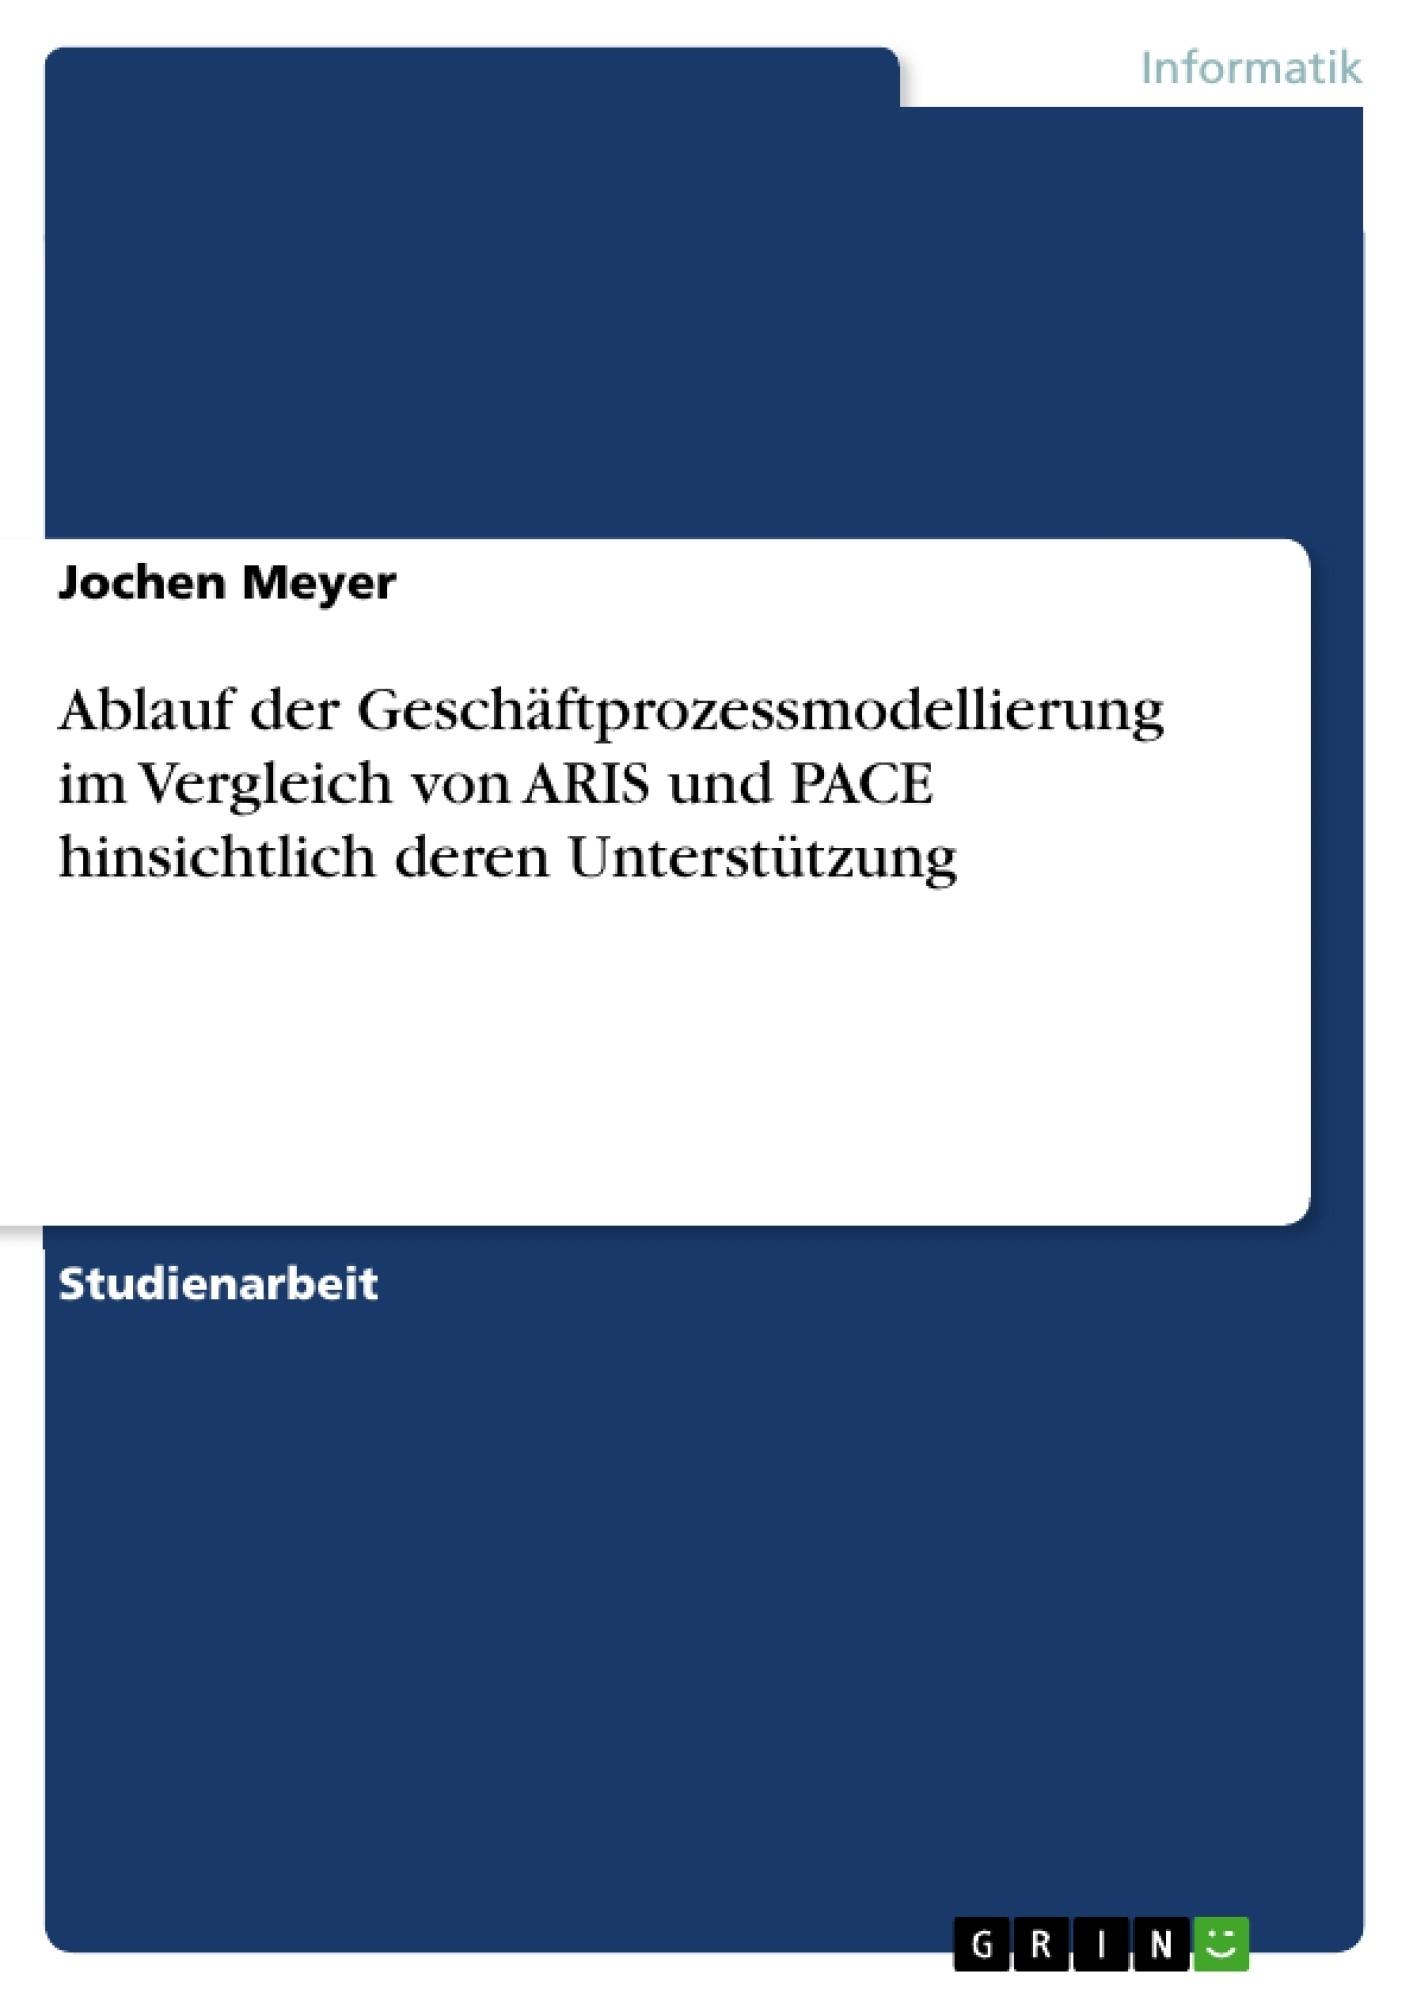 Titel: Ablauf der Geschäftprozessmodellierung im Vergleich von ARIS und PACE hinsichtlich deren Unterstützung